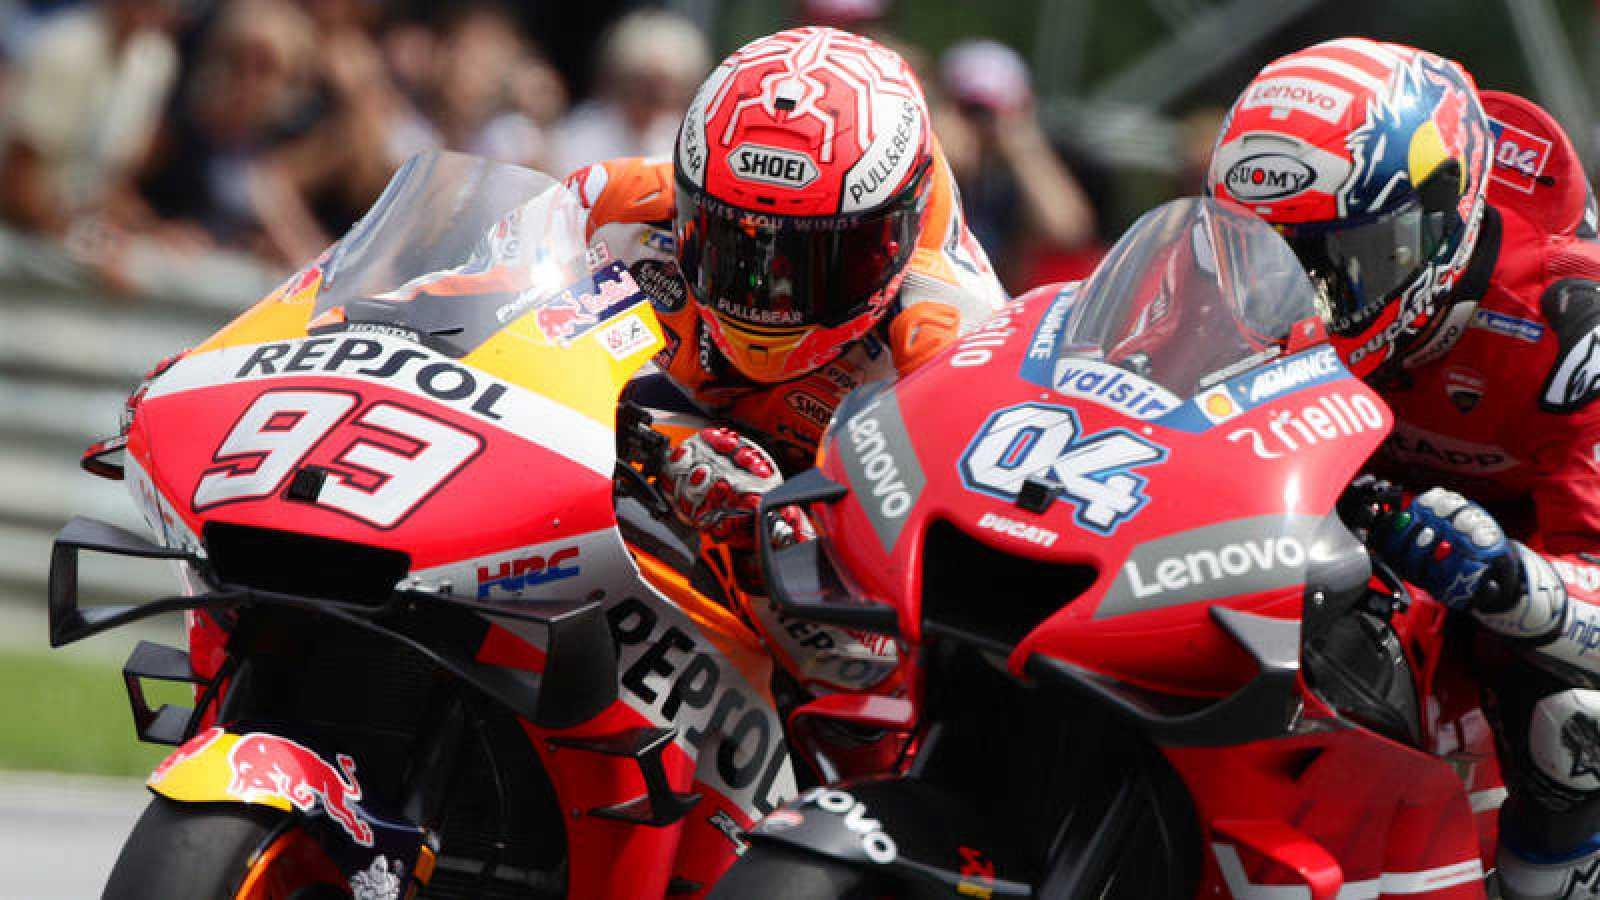 Tremendo duelo entre Márquez y Dovizioso en el GP de Austria.